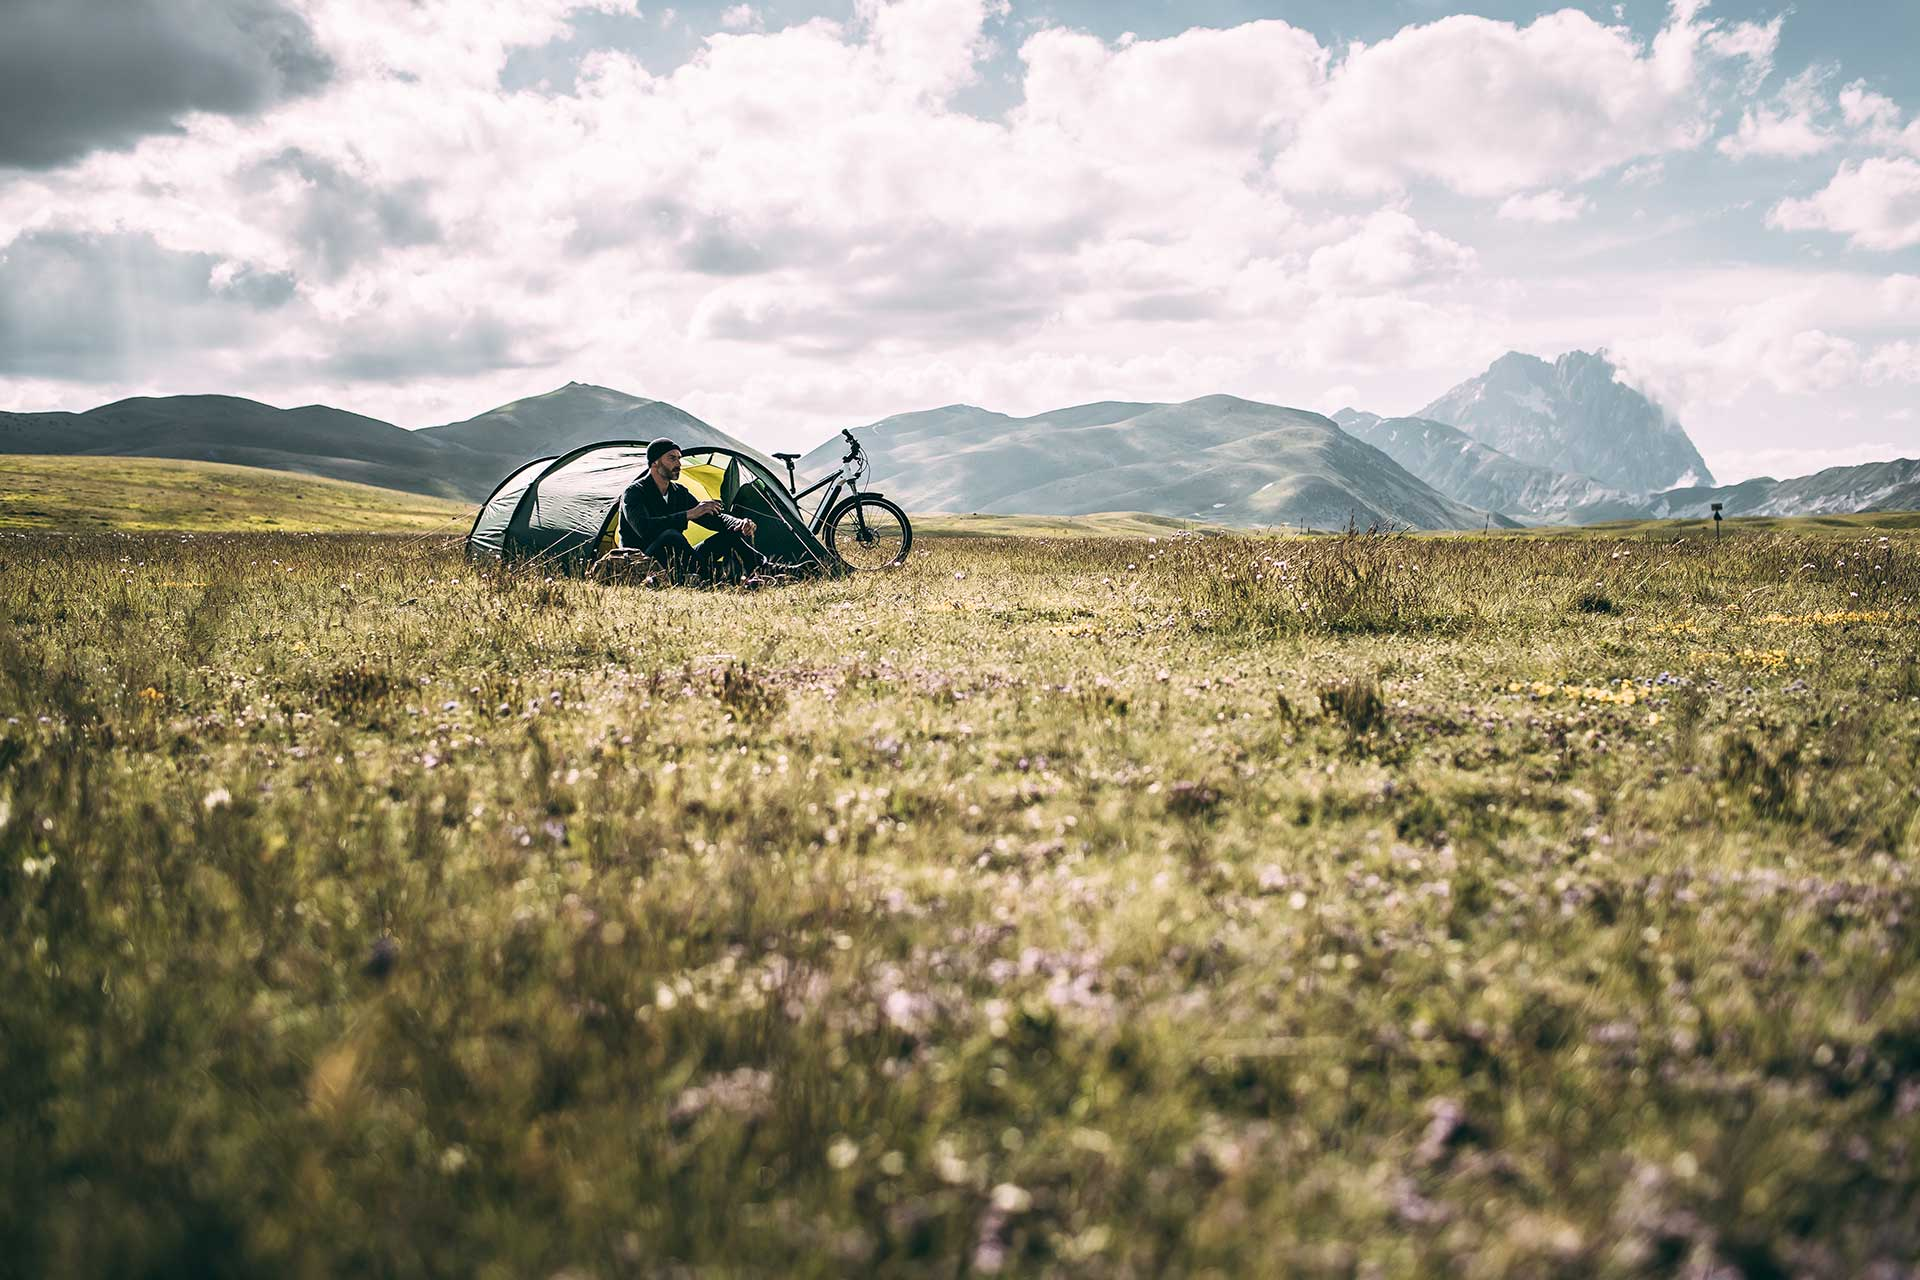 Camping Fahrrad Ebike Fotograf Riese Müller Campagne Katalog Michael Müller München